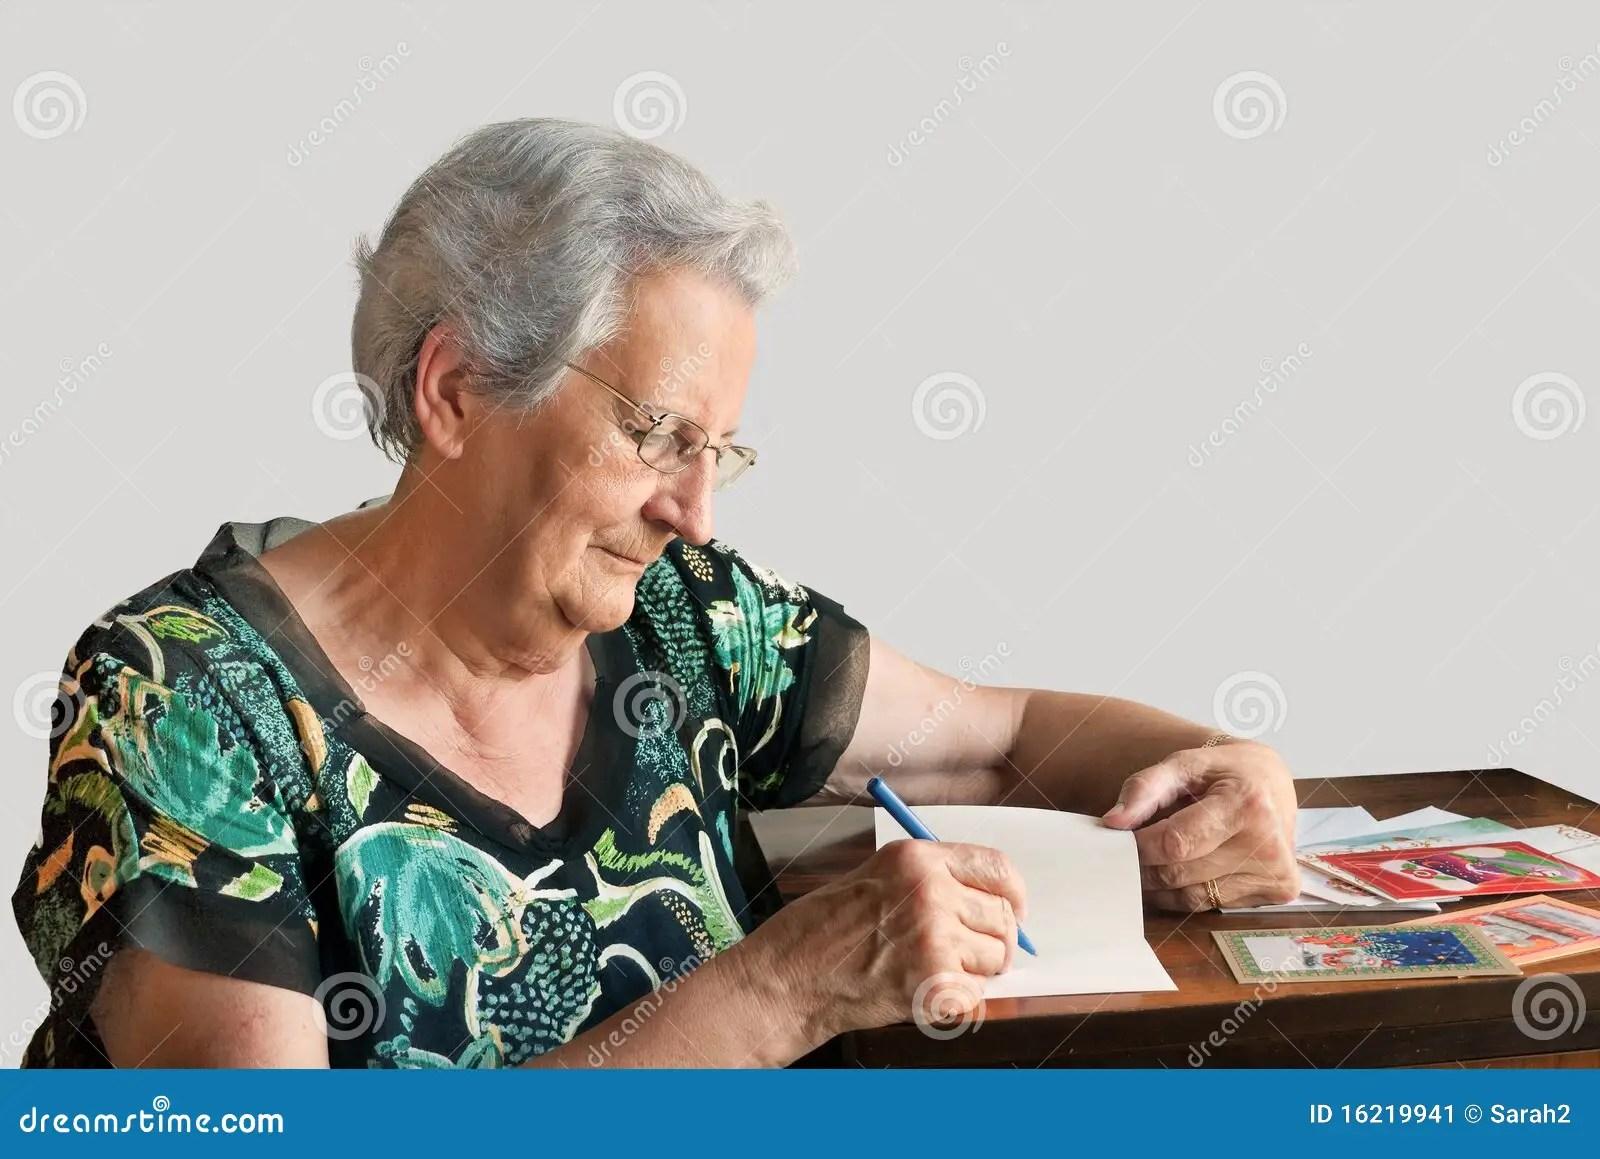 Woman Writing Christmas Cards Stock Image Image 16219941